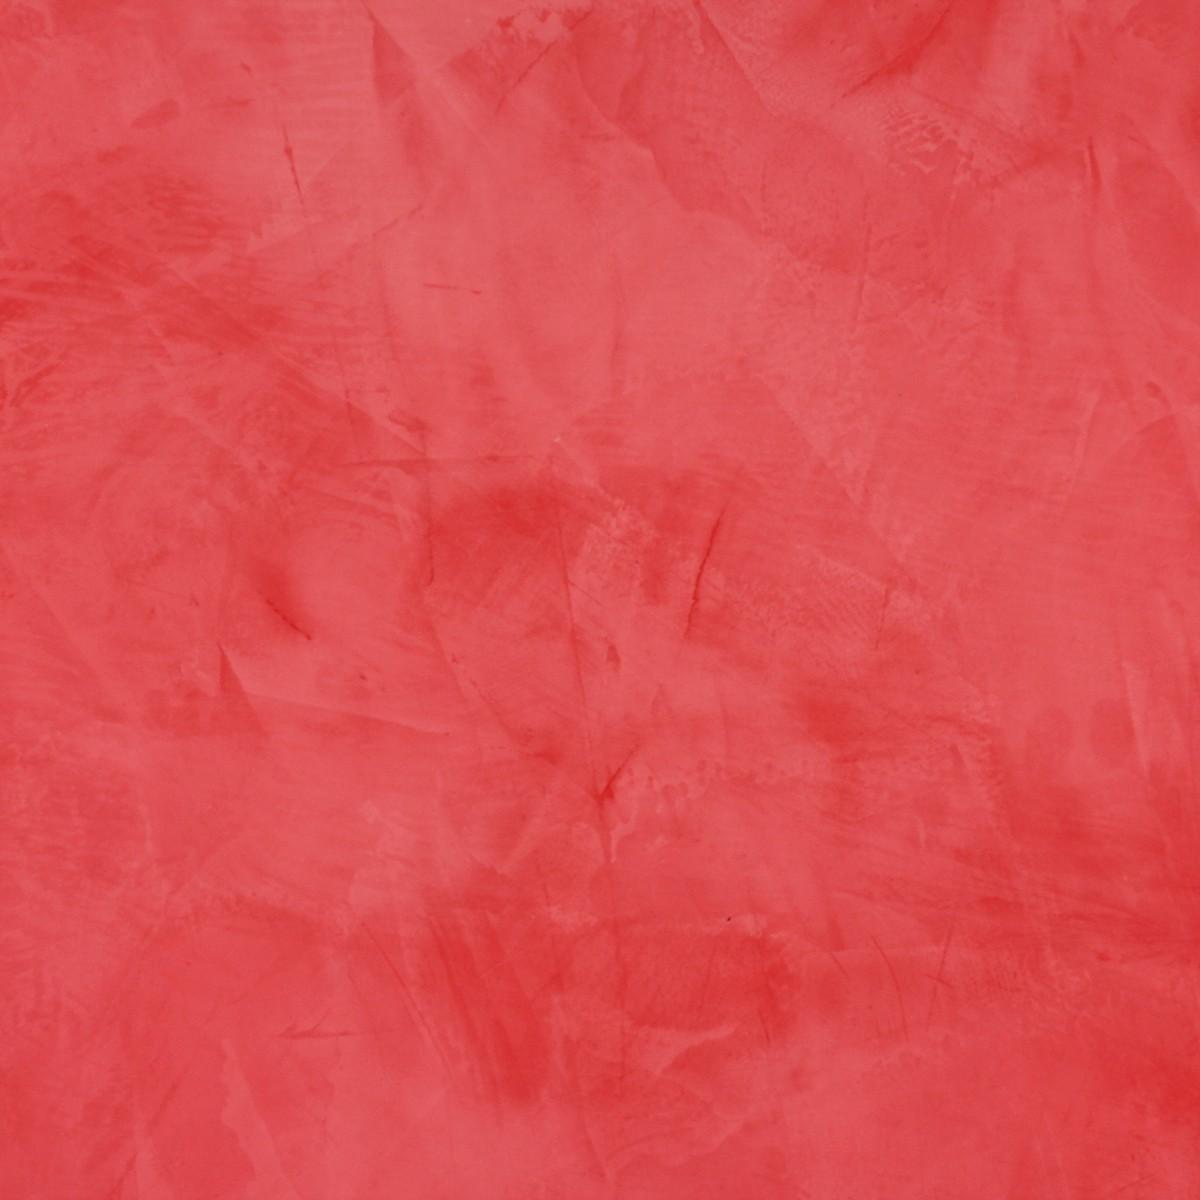 rosso salmone